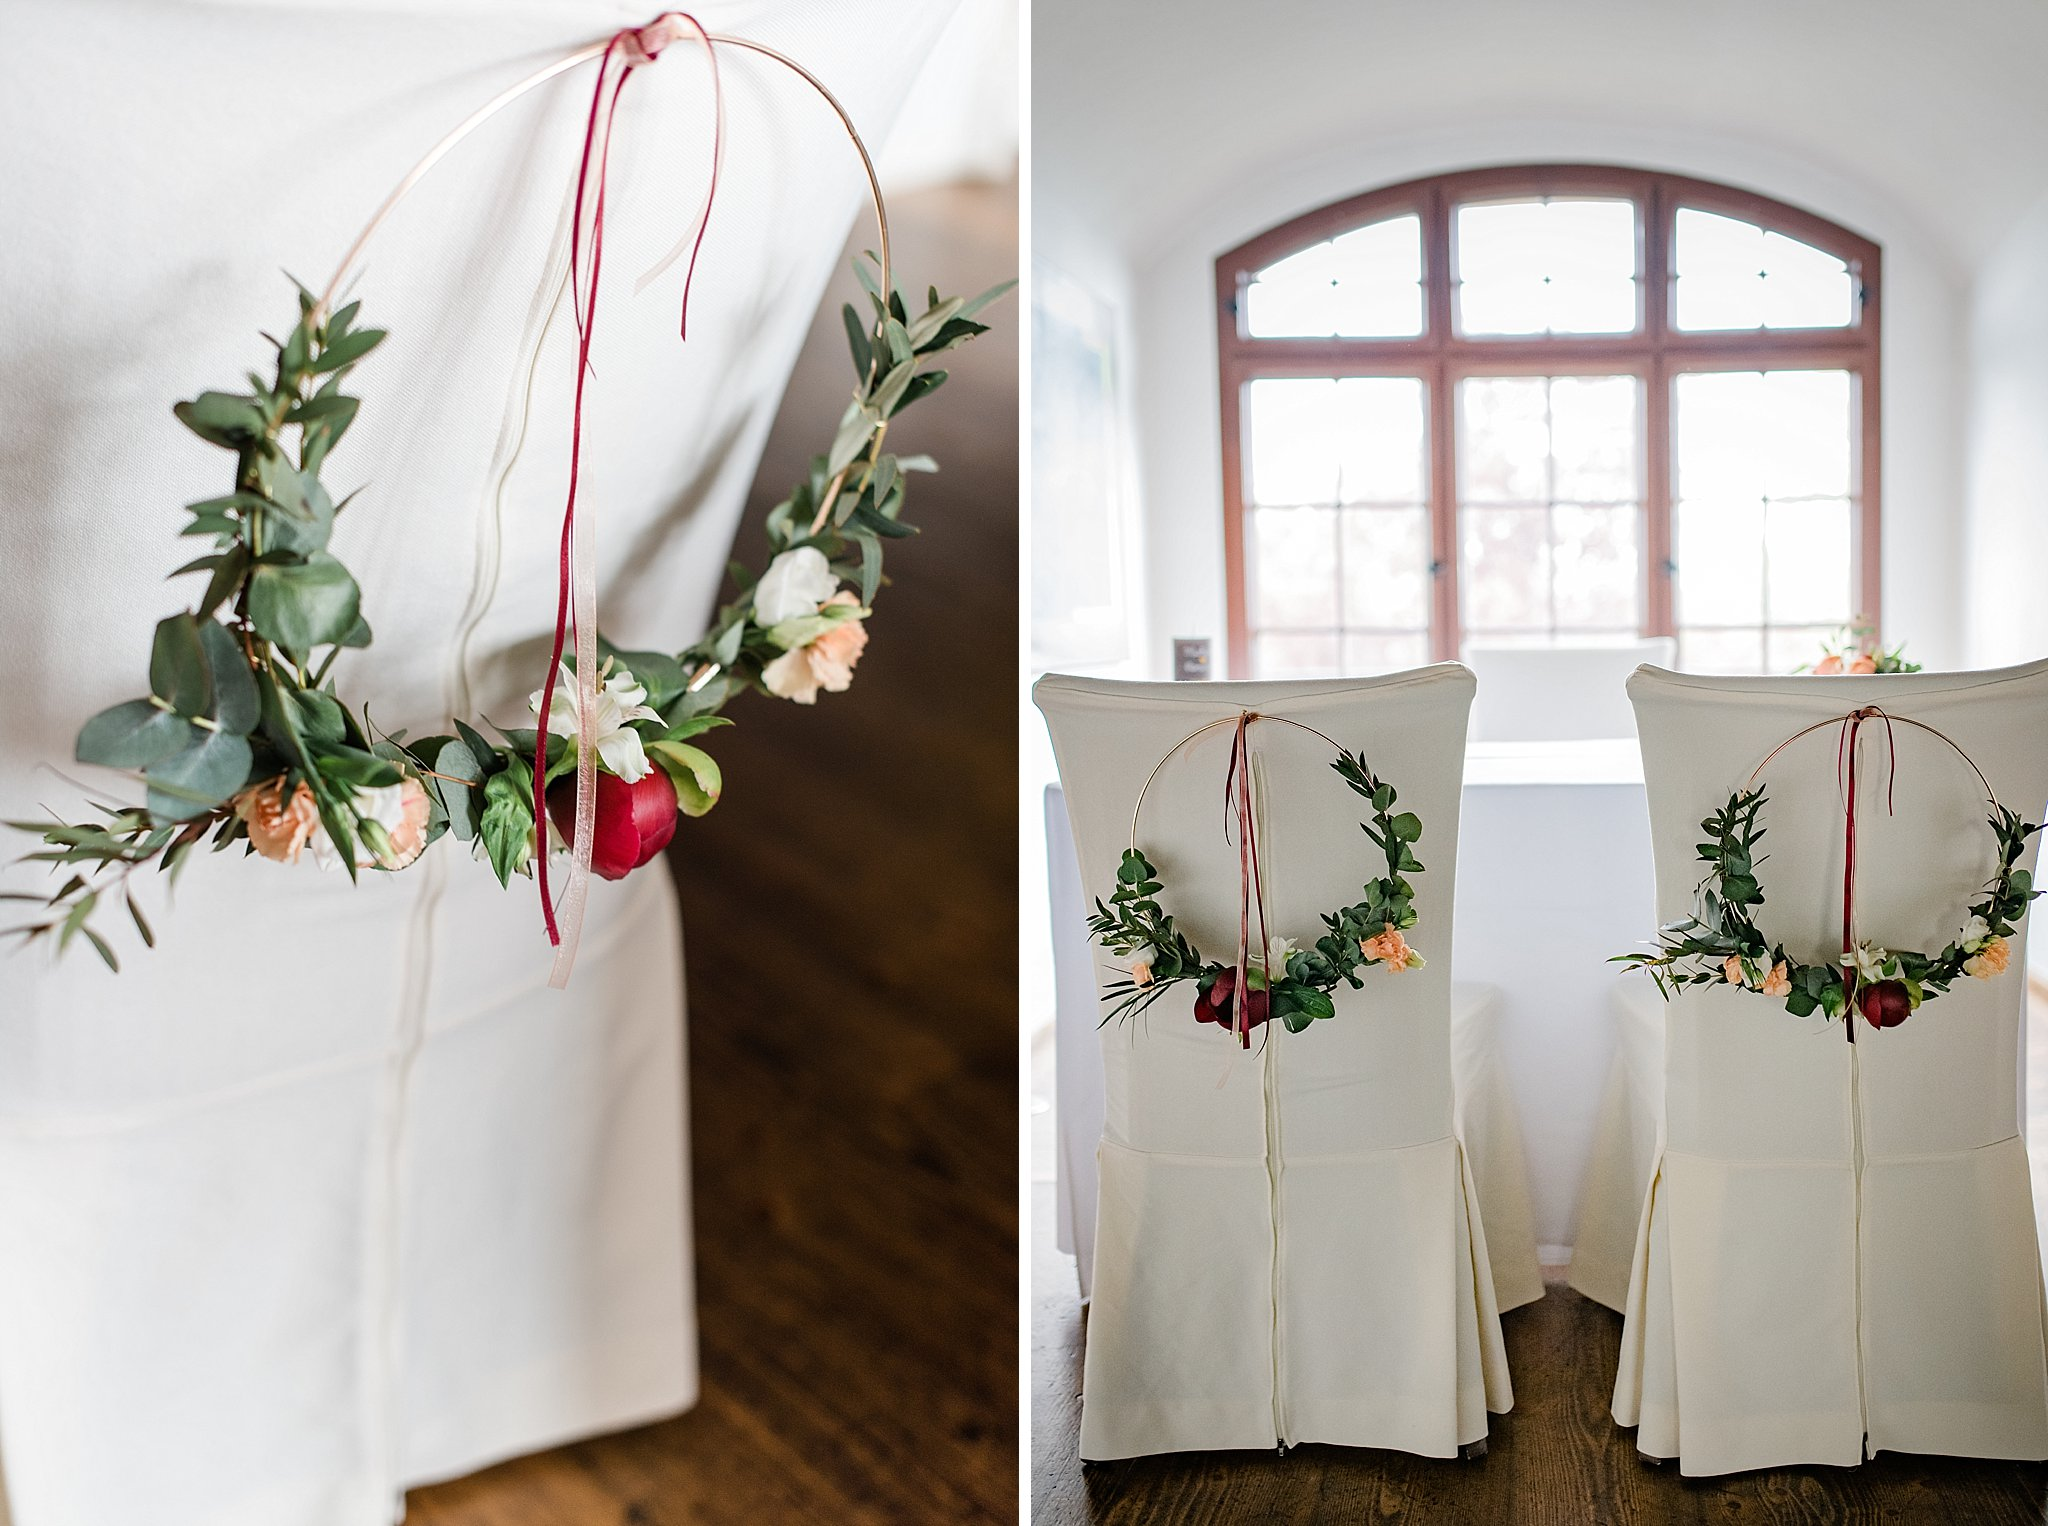 Hochzeit-von-Marina-Dominik-auf-Burg-Wernberg-und-Schloss-Friedrichsburg-00056